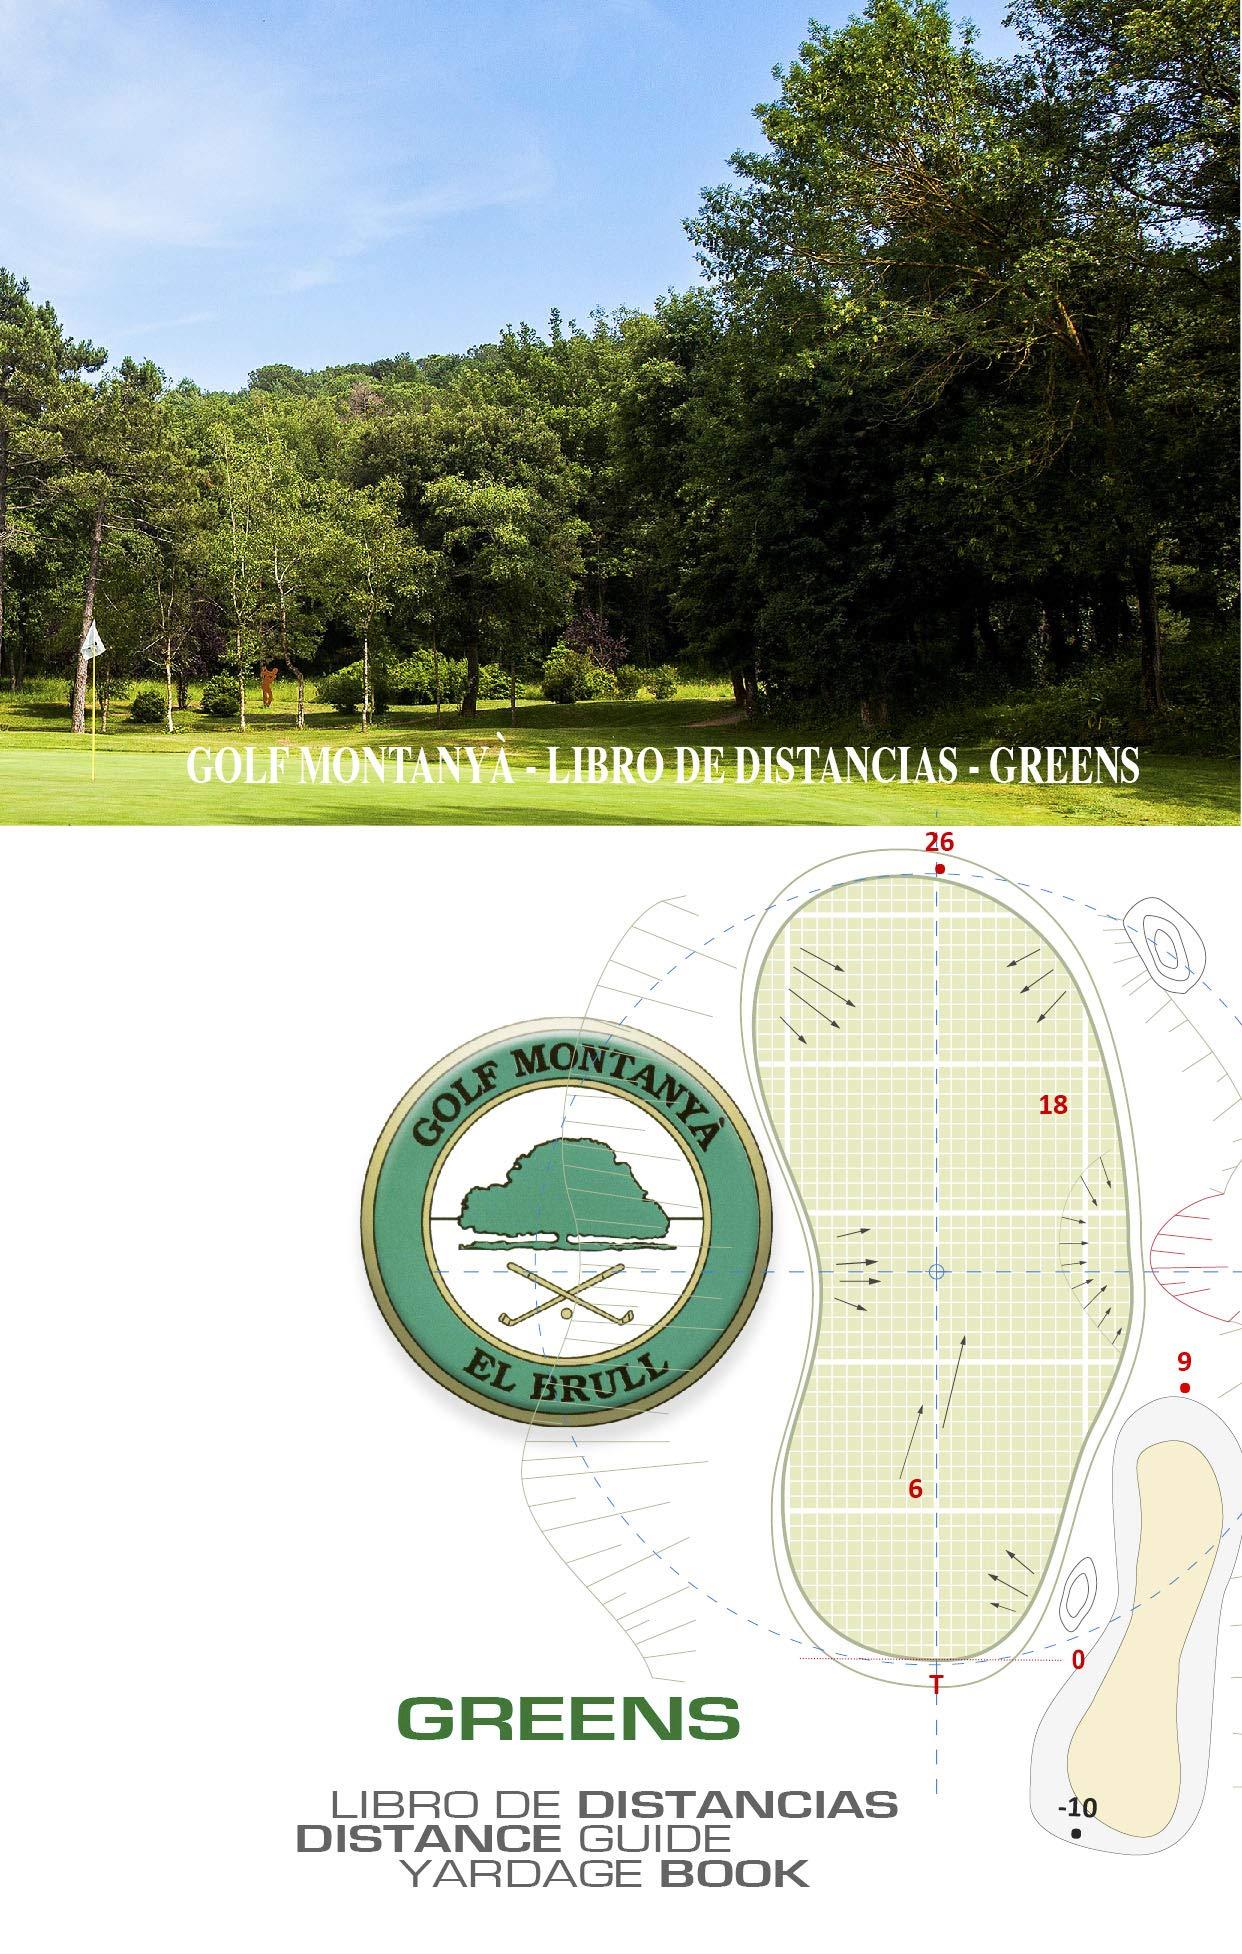 Golf Montanyà GREENS: SkyGolfspain.com - Yardage Book (Libro de Distancias / Yardage Book) por Vincent Granados